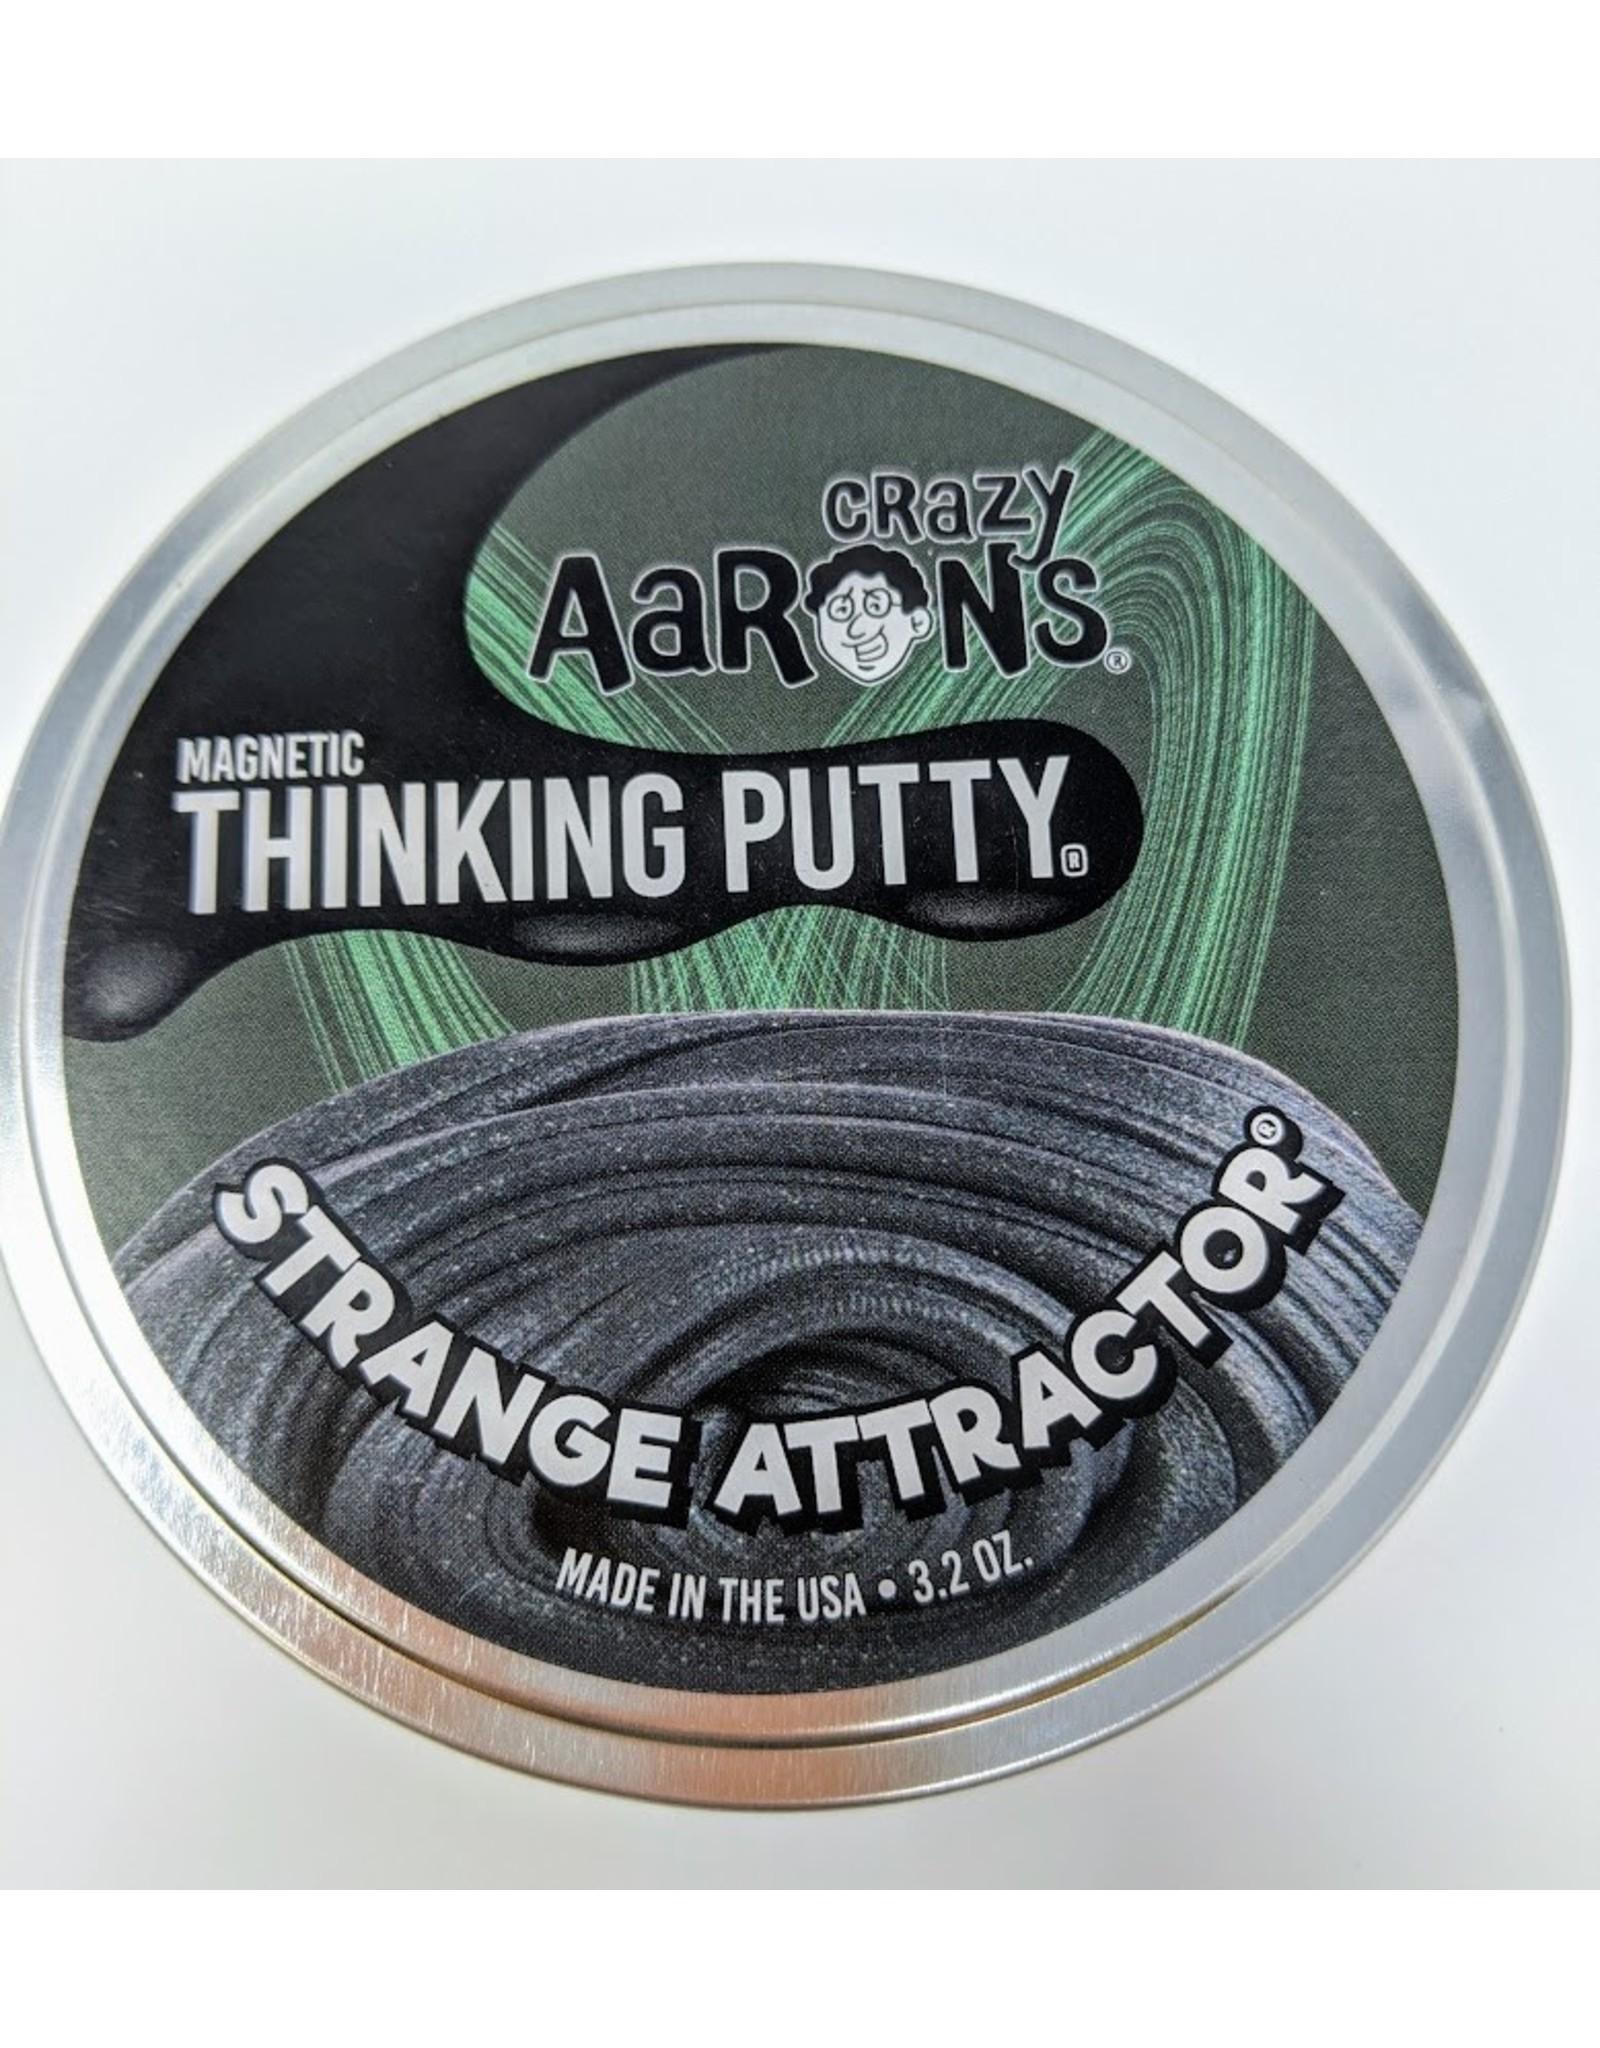 Crazy Aaron's Magnetic Strange Attractor